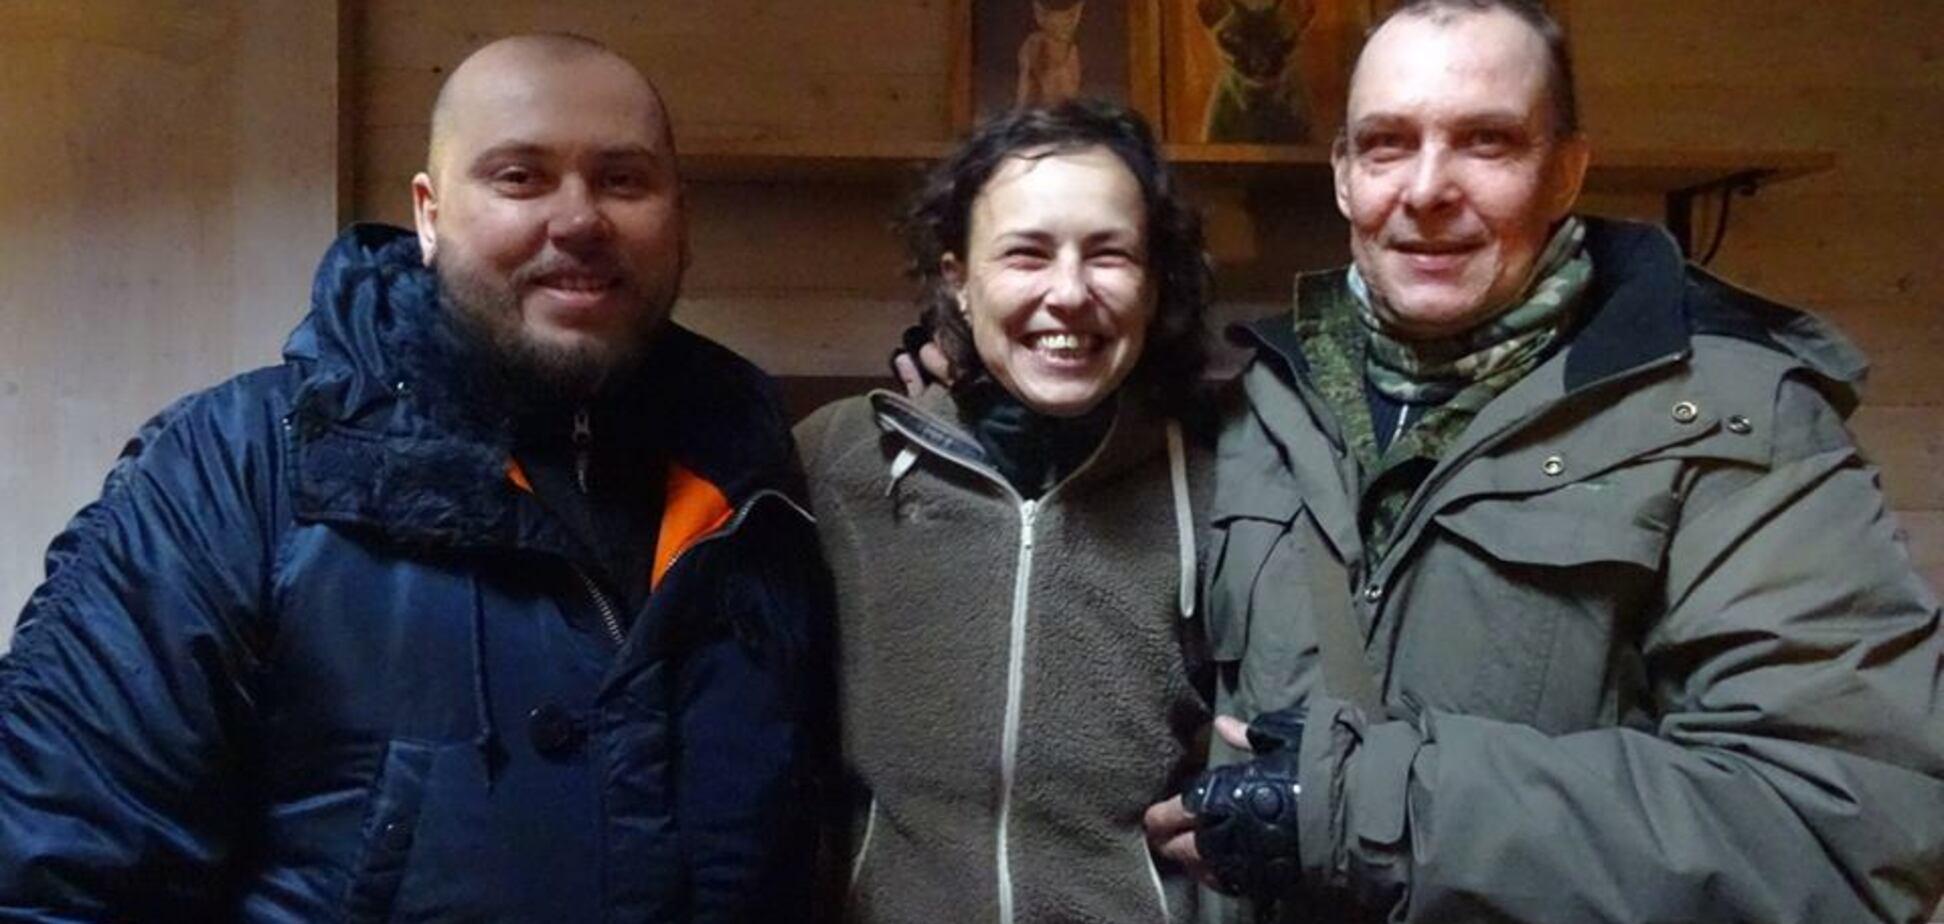 Улюблена співачка ''Новоросії'': терористи ''ДНР'' похвалилися фото з російською зіркою